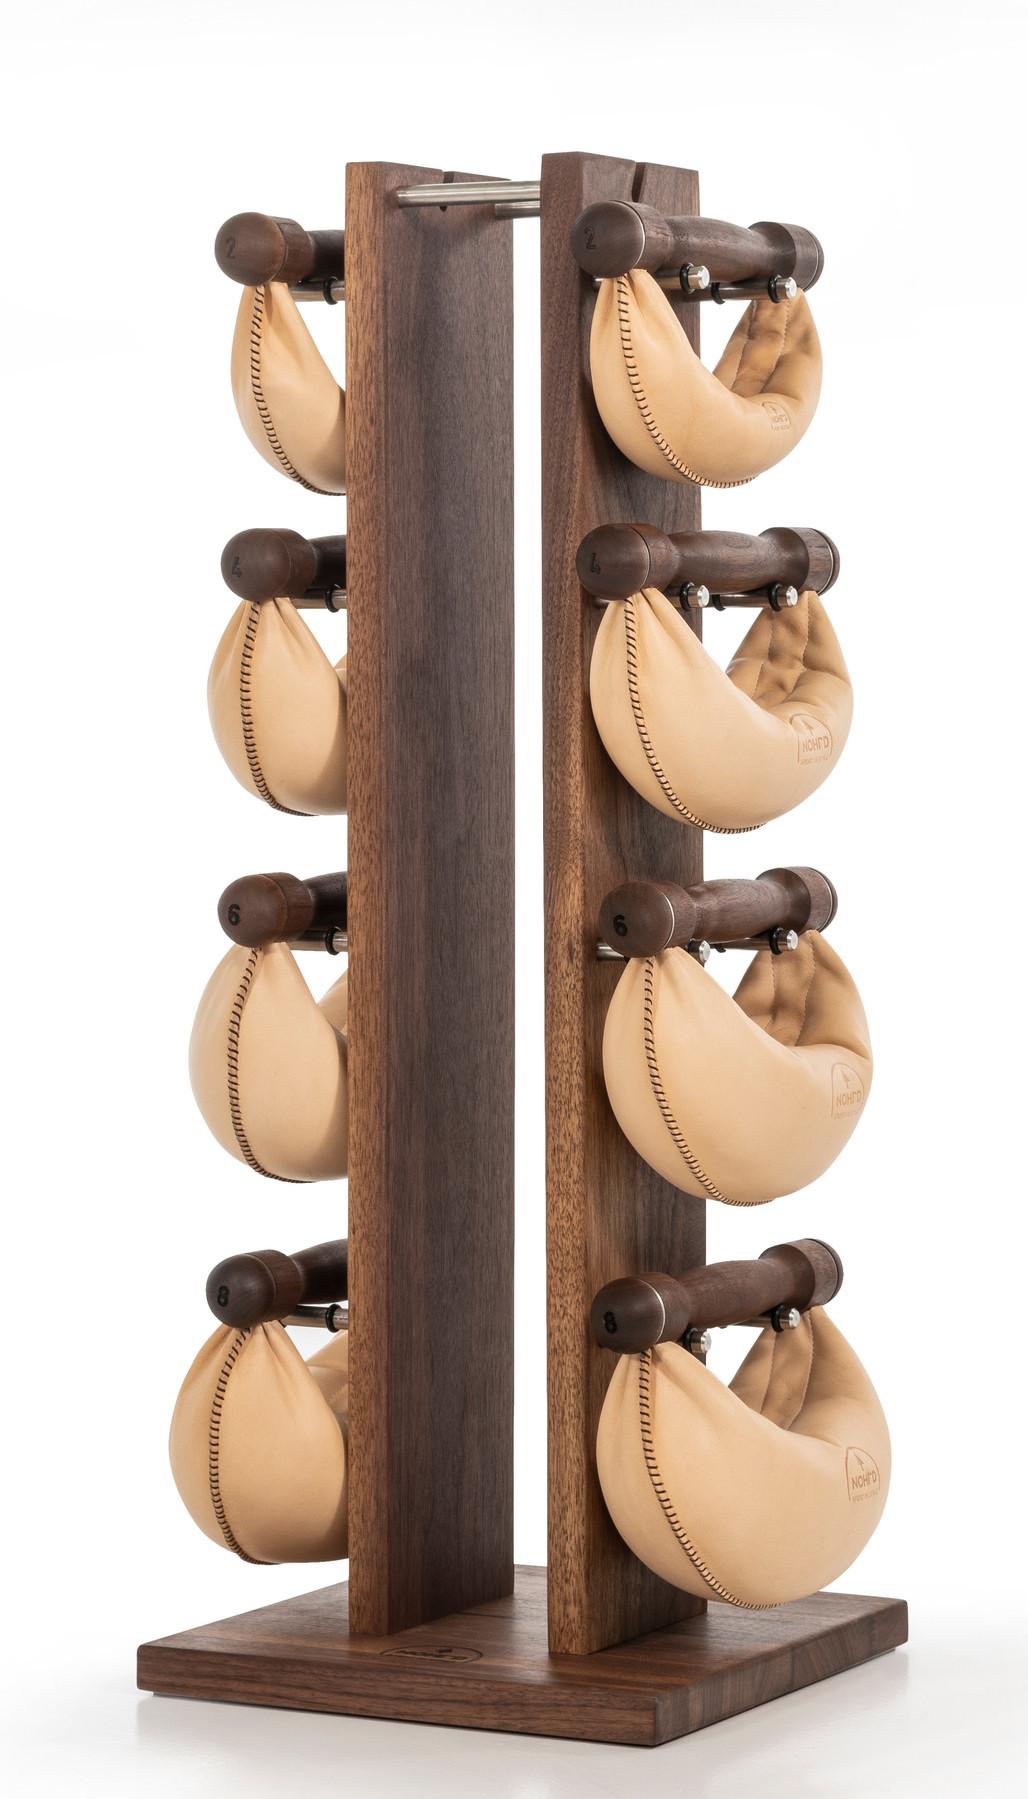 NOHrD Swing Turm Nussbaum - Hanteln aus Vollholz und Leder, 13.210, 4260263010819